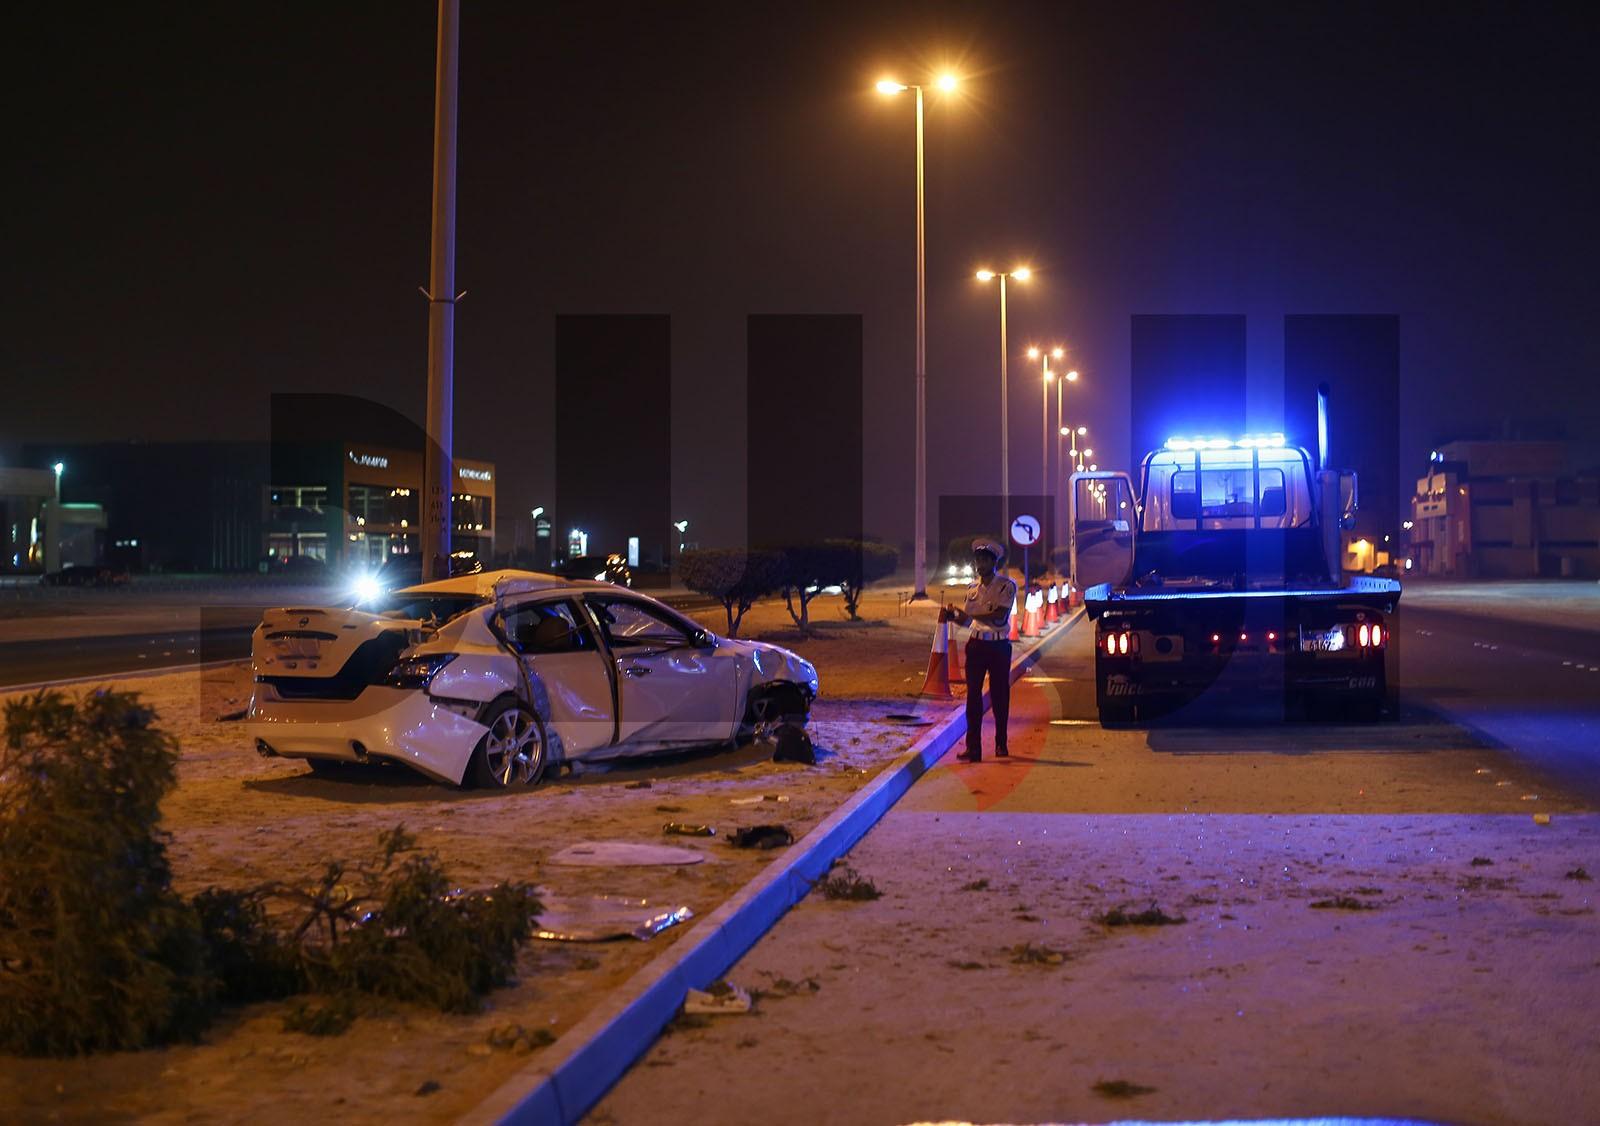 إصابات بليغة لشاب بحريني بحادث مروري على شارع الشيخ جابر الصباح